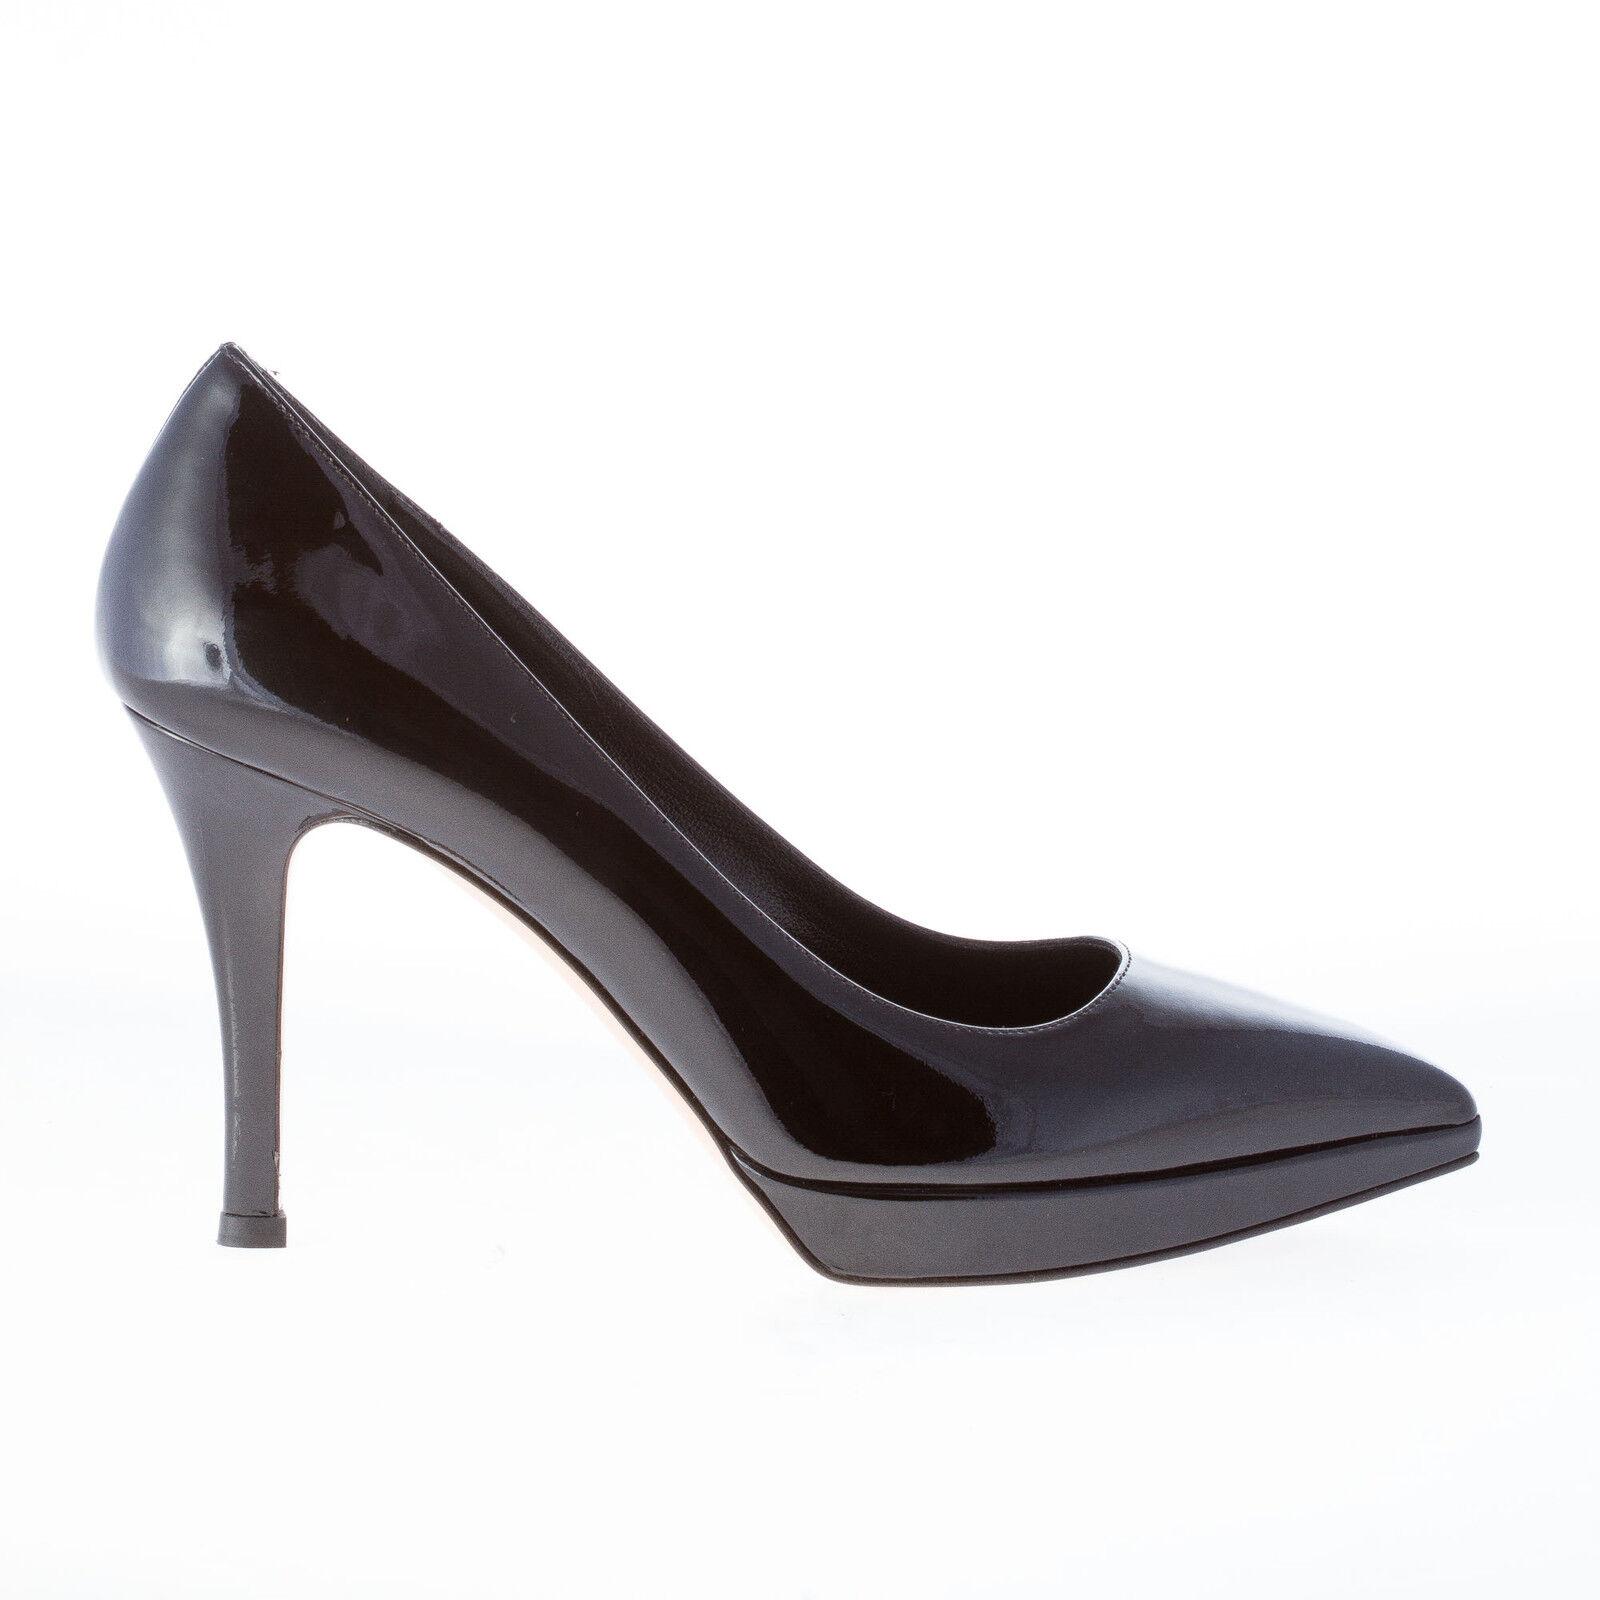 Semilla De Mujer Zapatos Charol Negro Negro Negro Puntera en Punta bomba con meseta  gran descuento